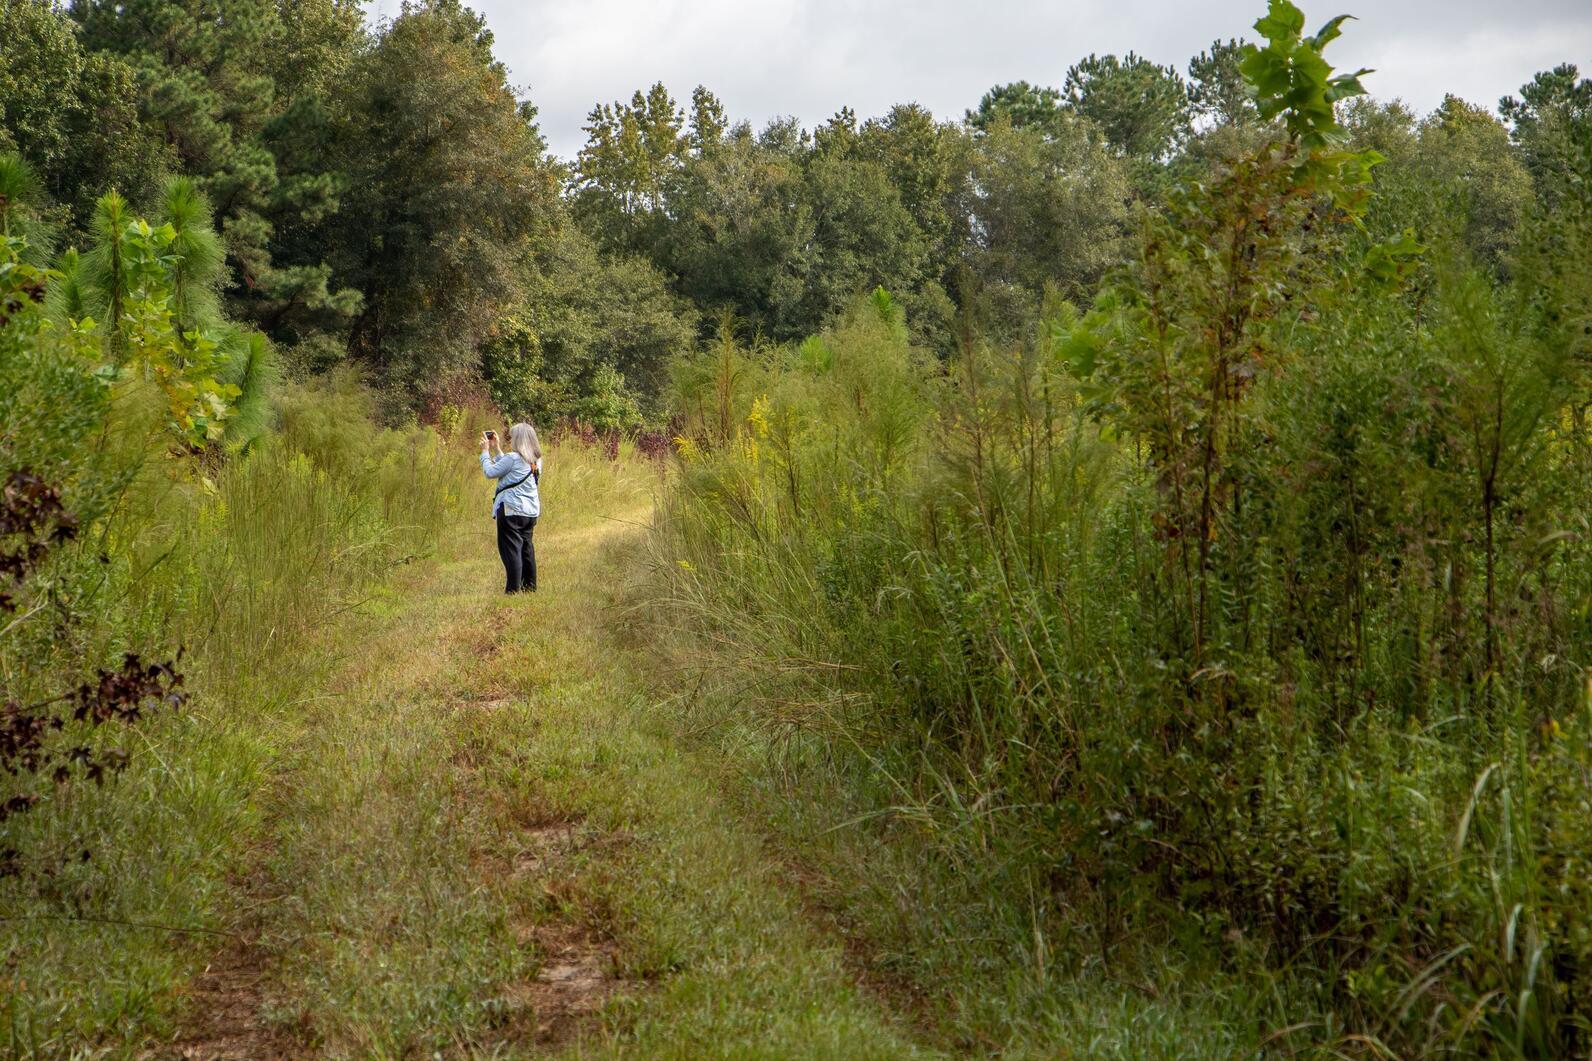 New Grassland-Woodland Trails at Beidler Forest, Birding